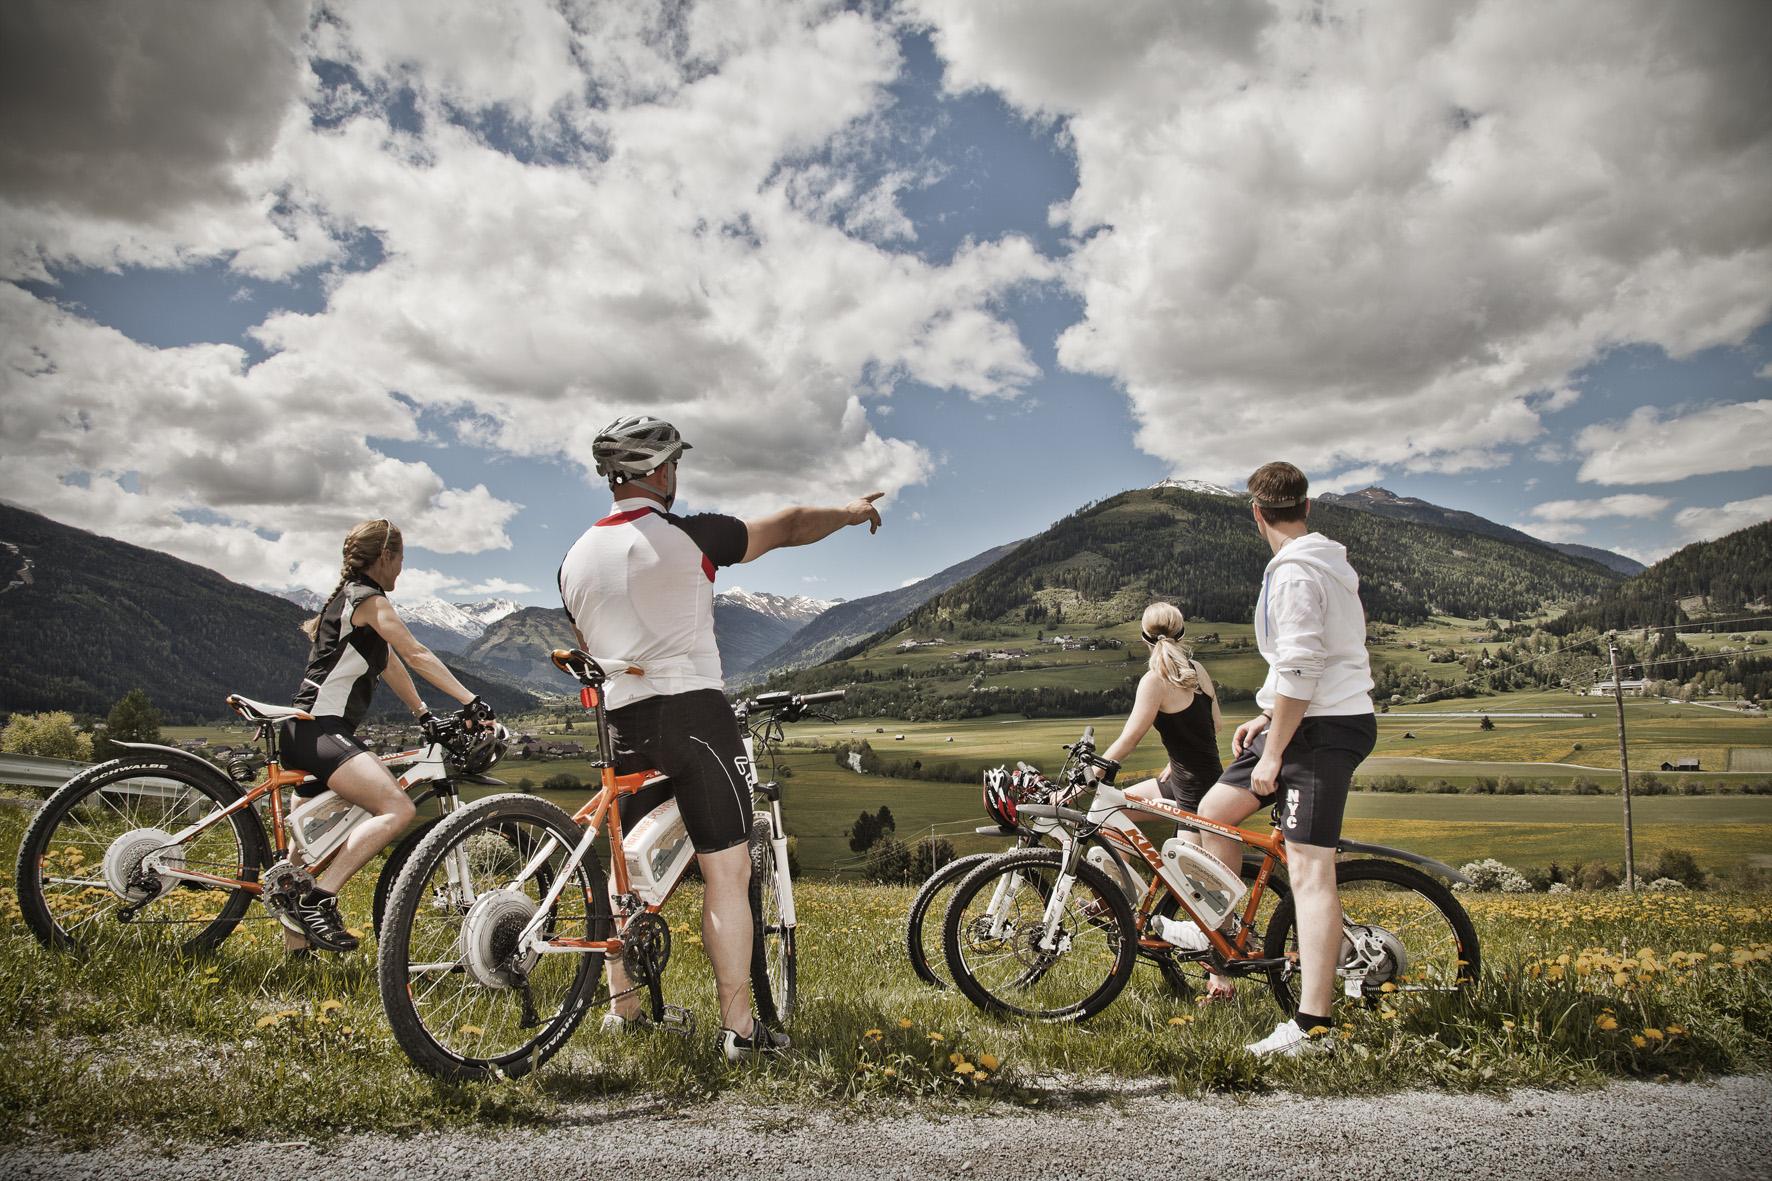 Biken in der Lungau im Salzburger Land